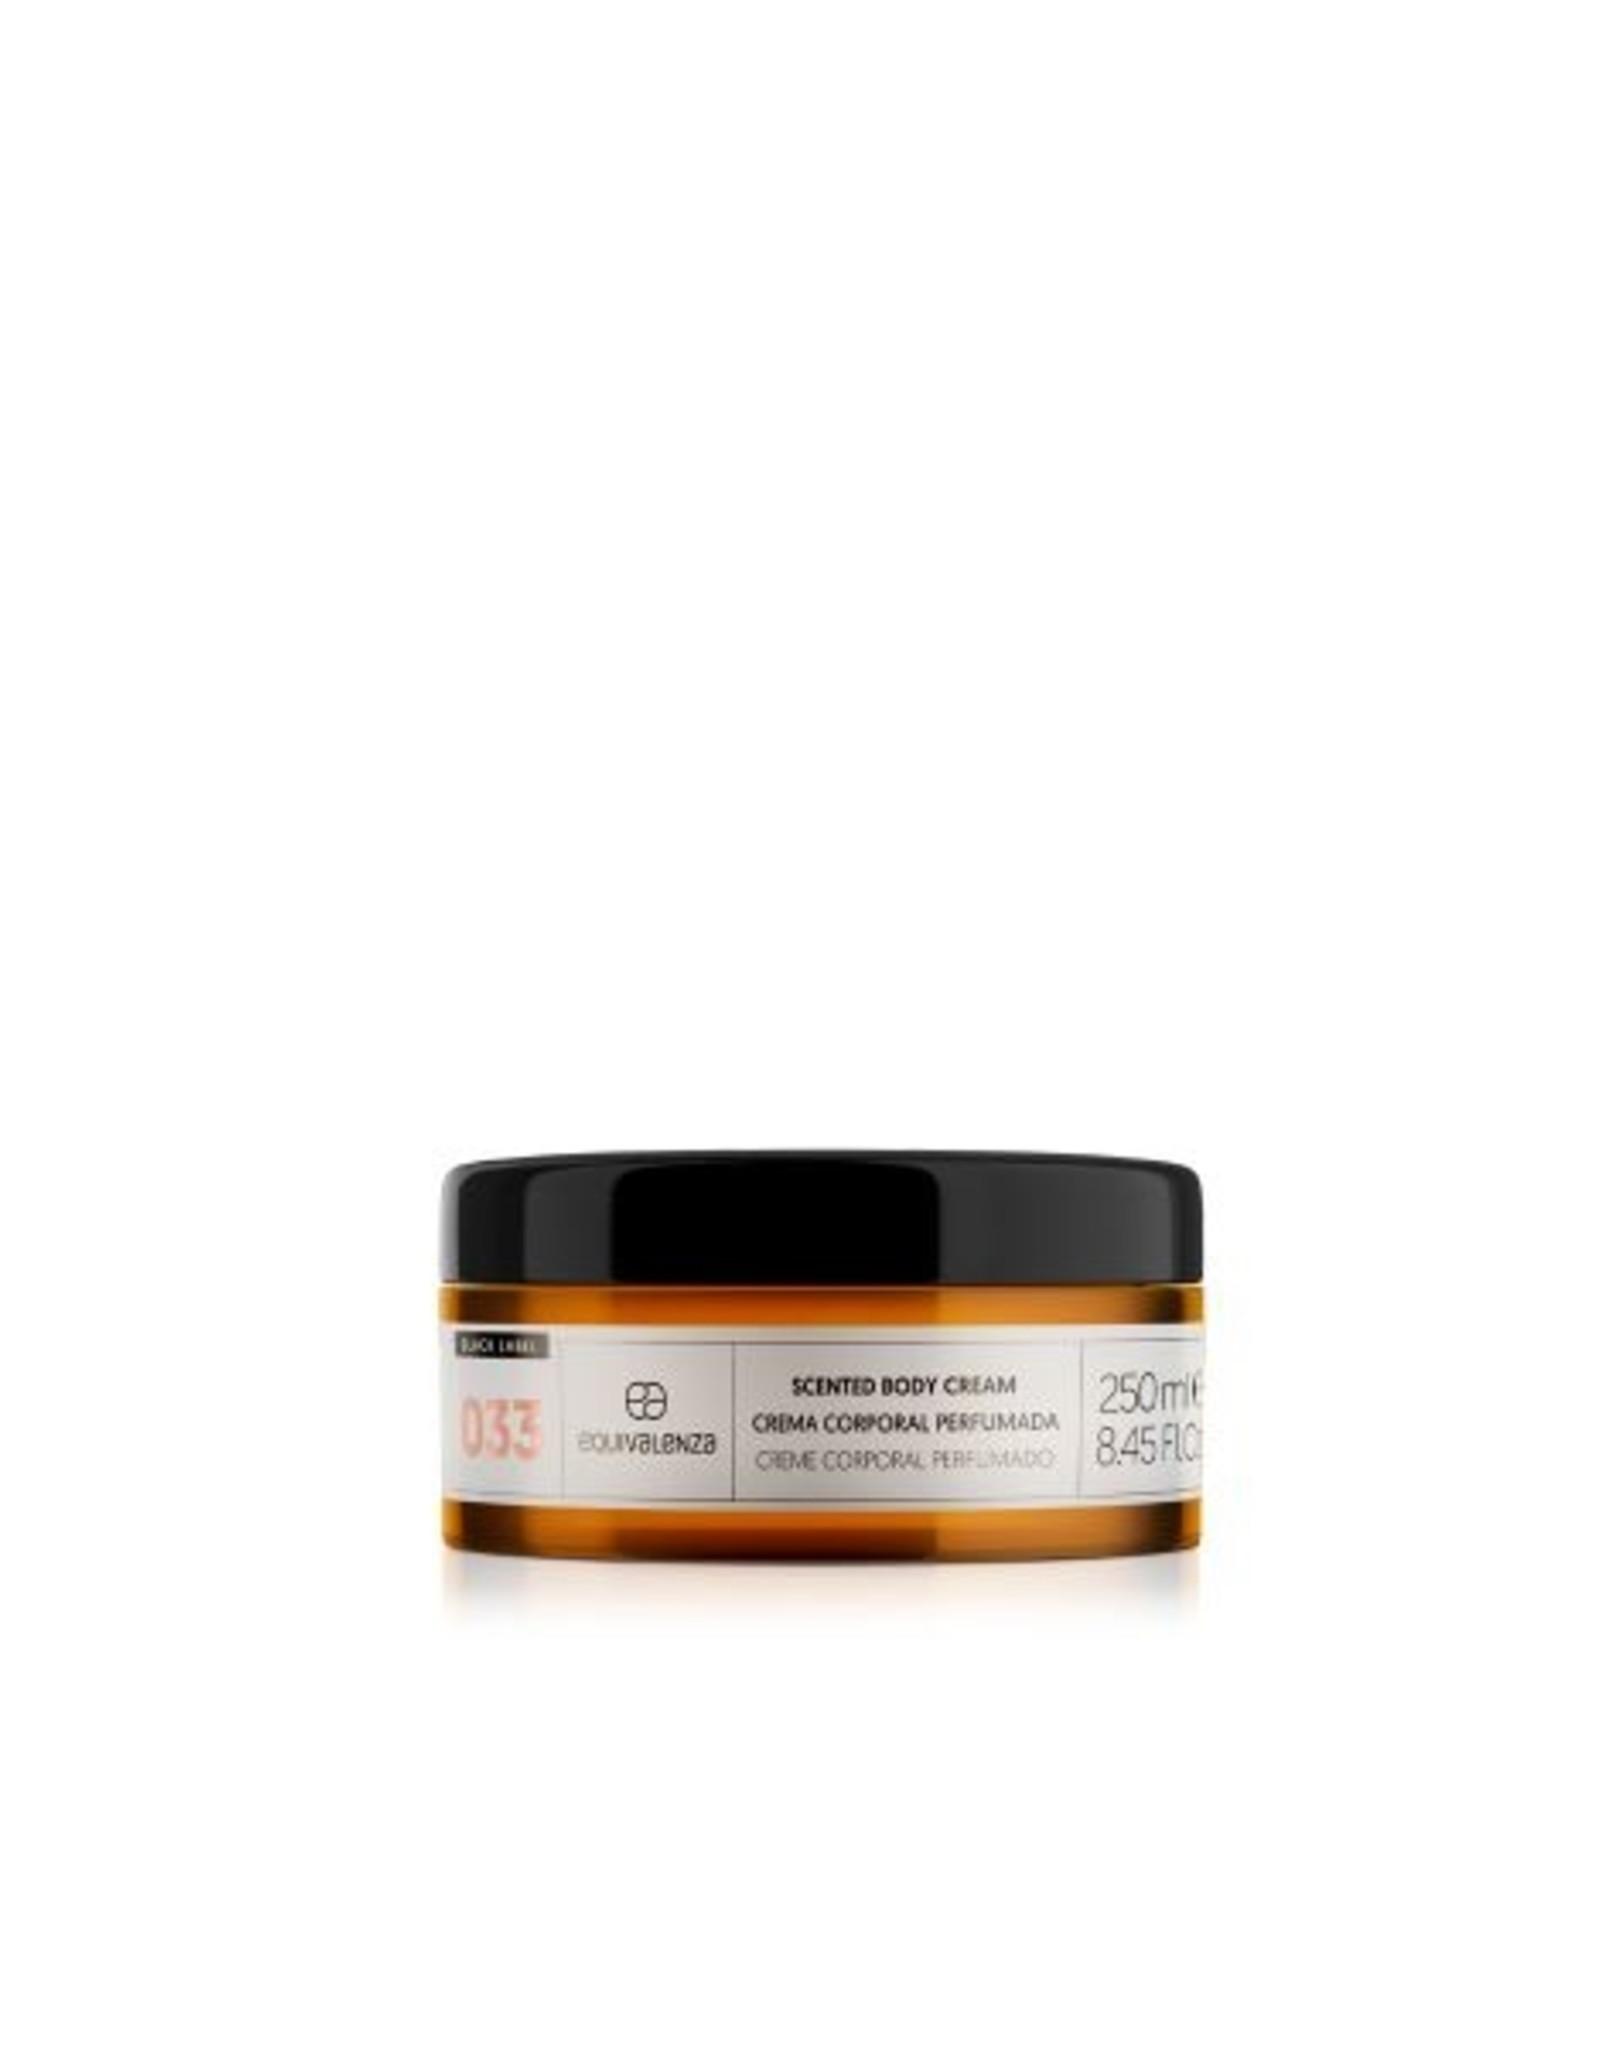 Equivalenza Black Label Body Cream 033